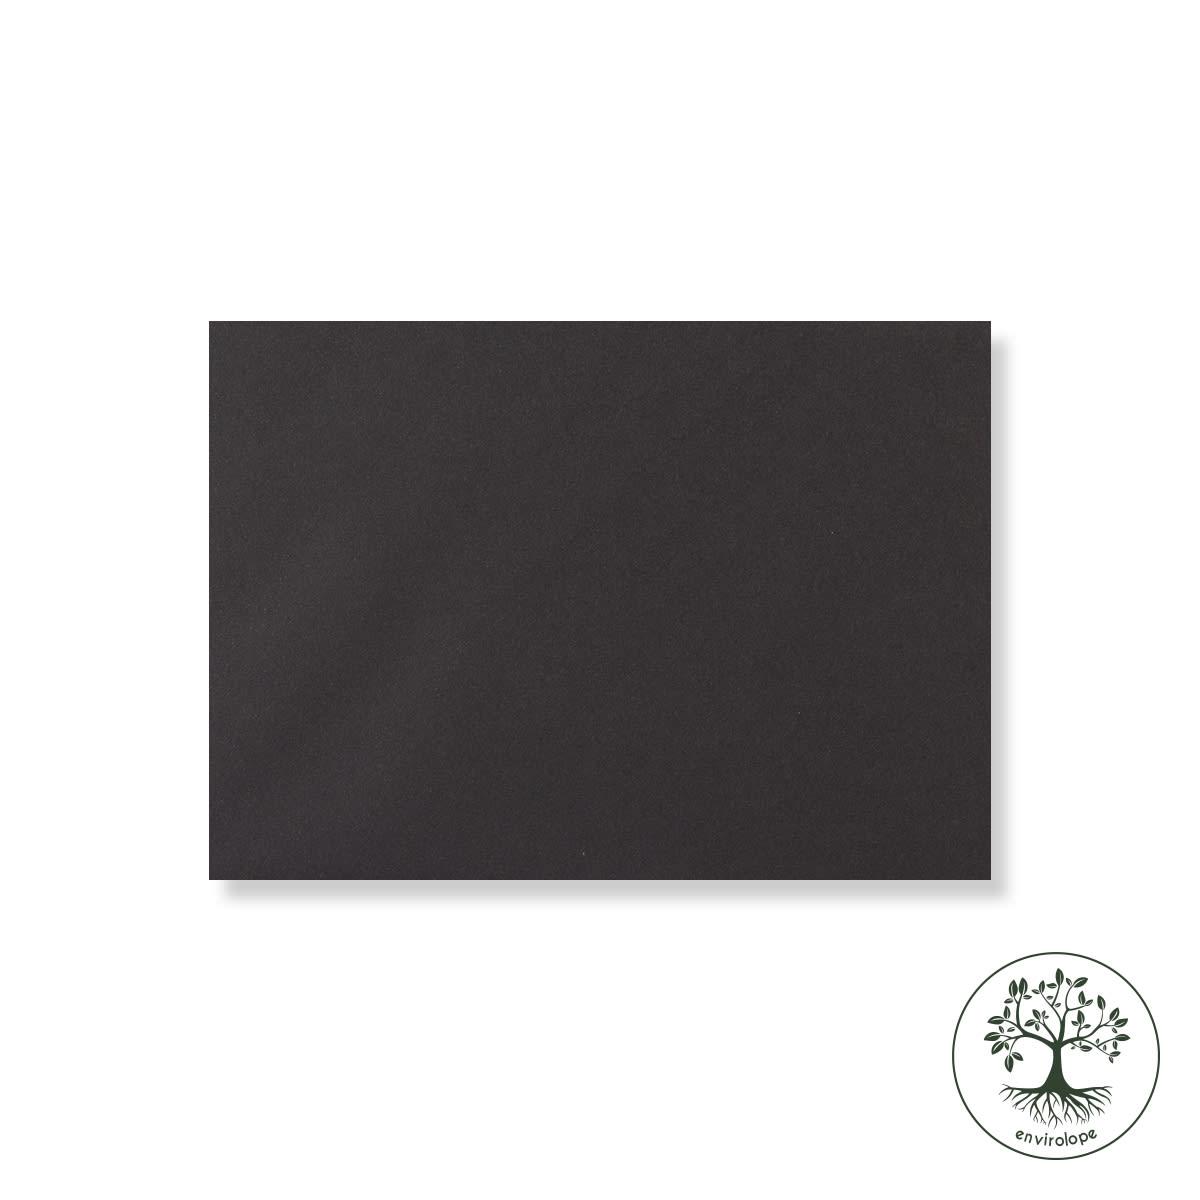 BLACK 125 x 175 mm ENVELOPES 120GSM